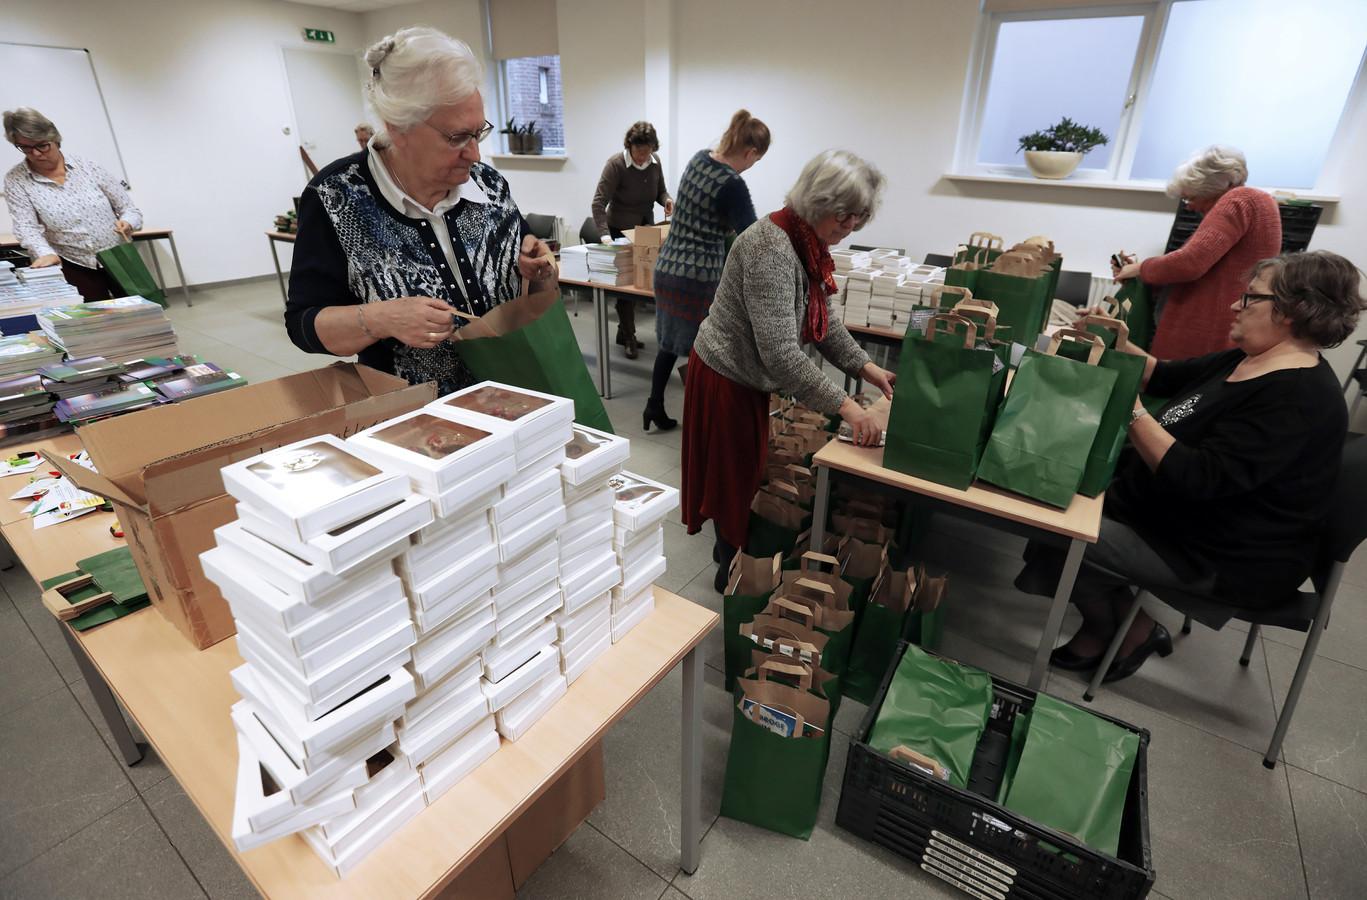 Leden van hervormde vrouwenverenigingen maken kerstpakketten voor Poolse en Moldavische arbeidsmigranten.